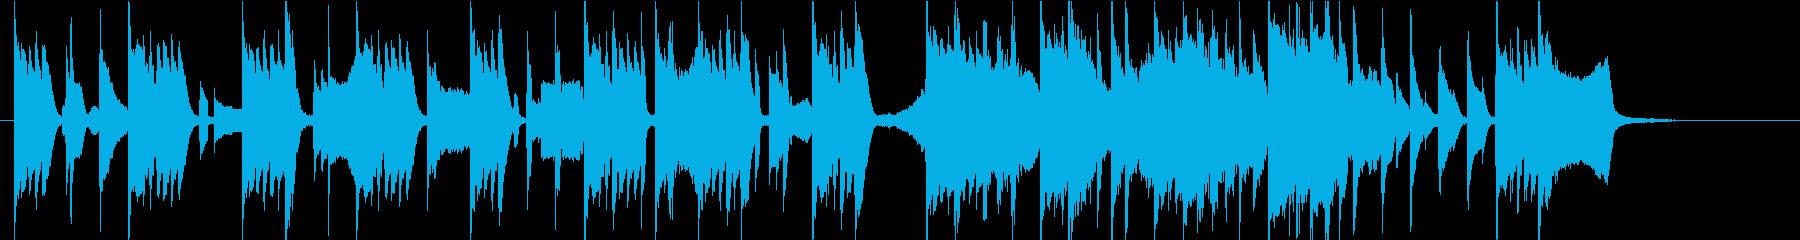 可愛いスタイリッシュなピアノ 30秒CMの再生済みの波形